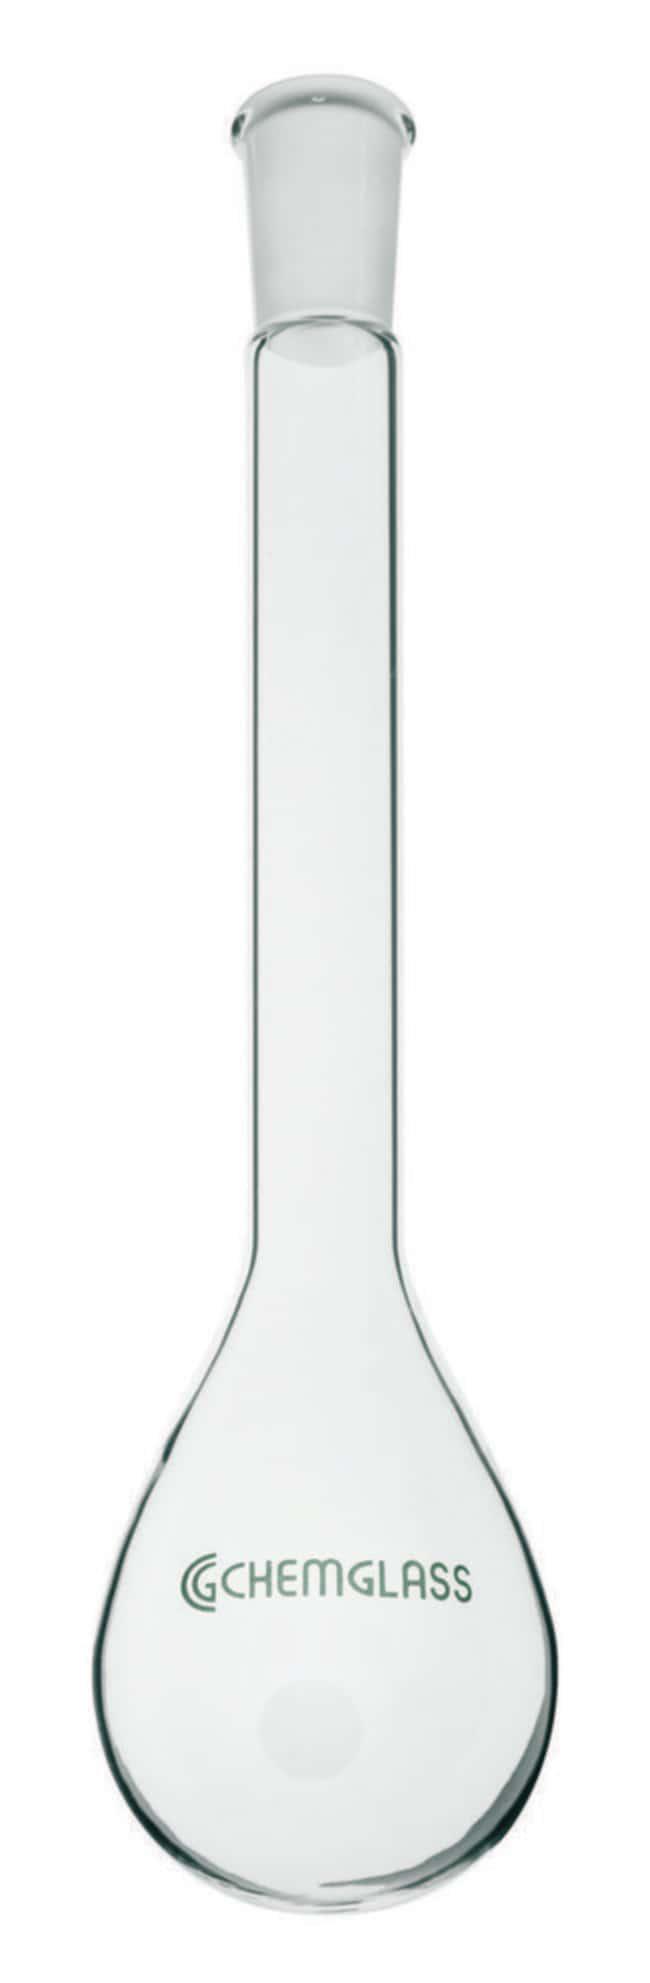 Chemglass Life Sciences100mL Kjeldahl Flask, Long Neck, 24/40 Outer Joint